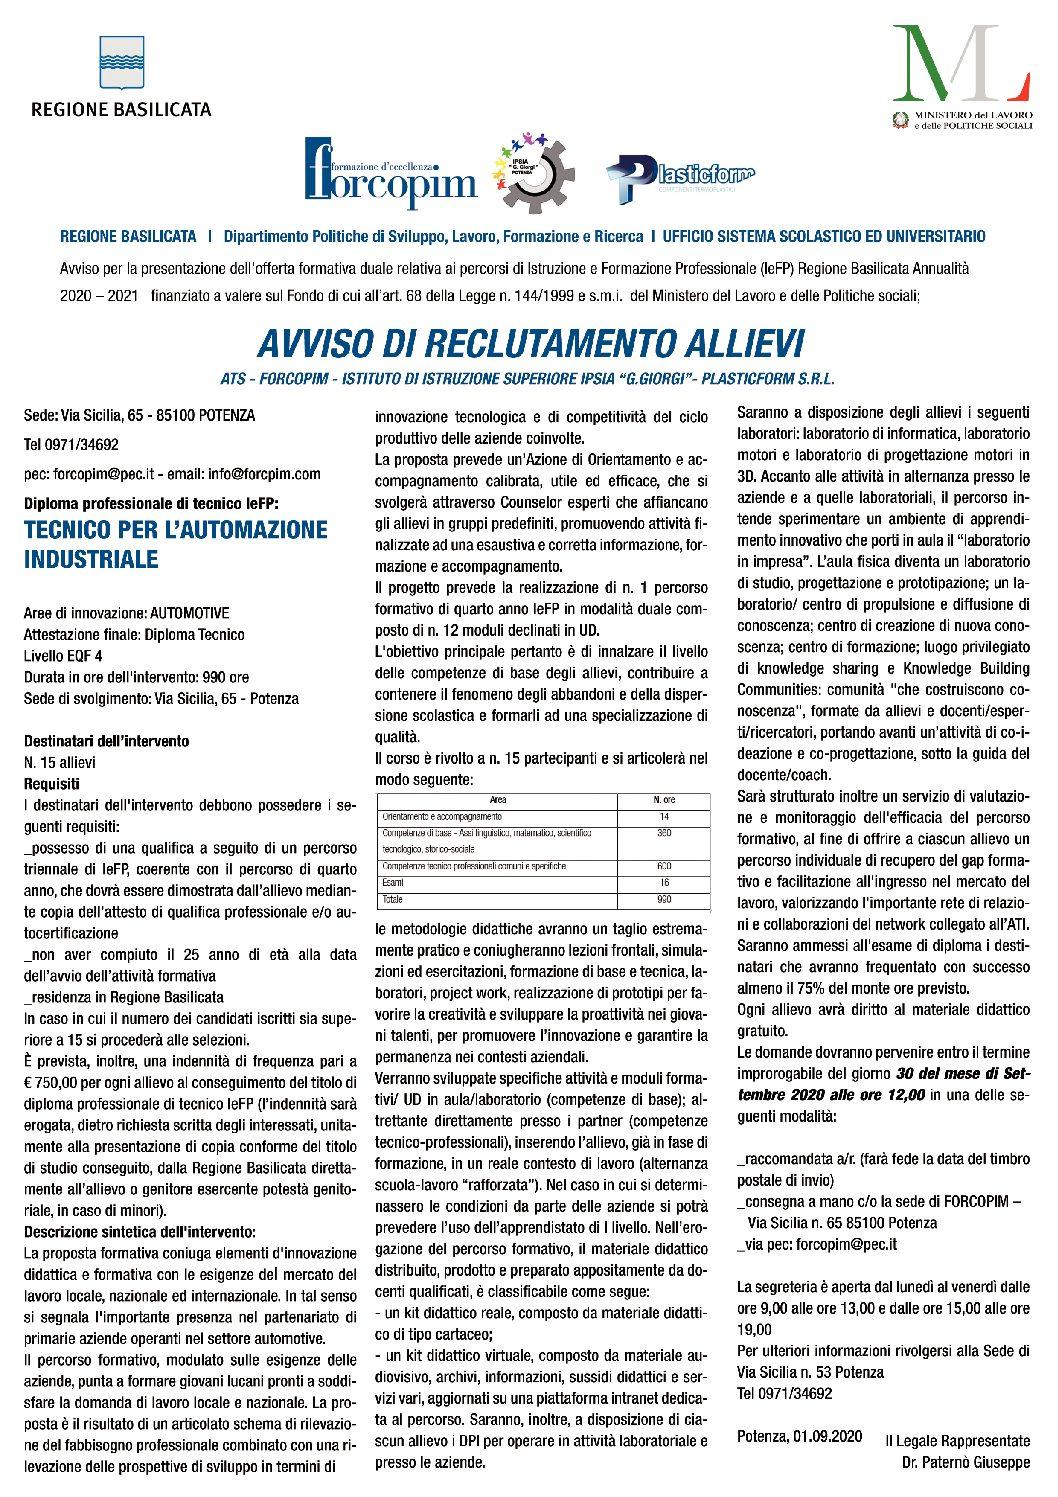 AVVISO DI RECLUTAMENTO ALLIEVI: TECNICO PER L'AUTOMAZIONE INDUSTRIALE